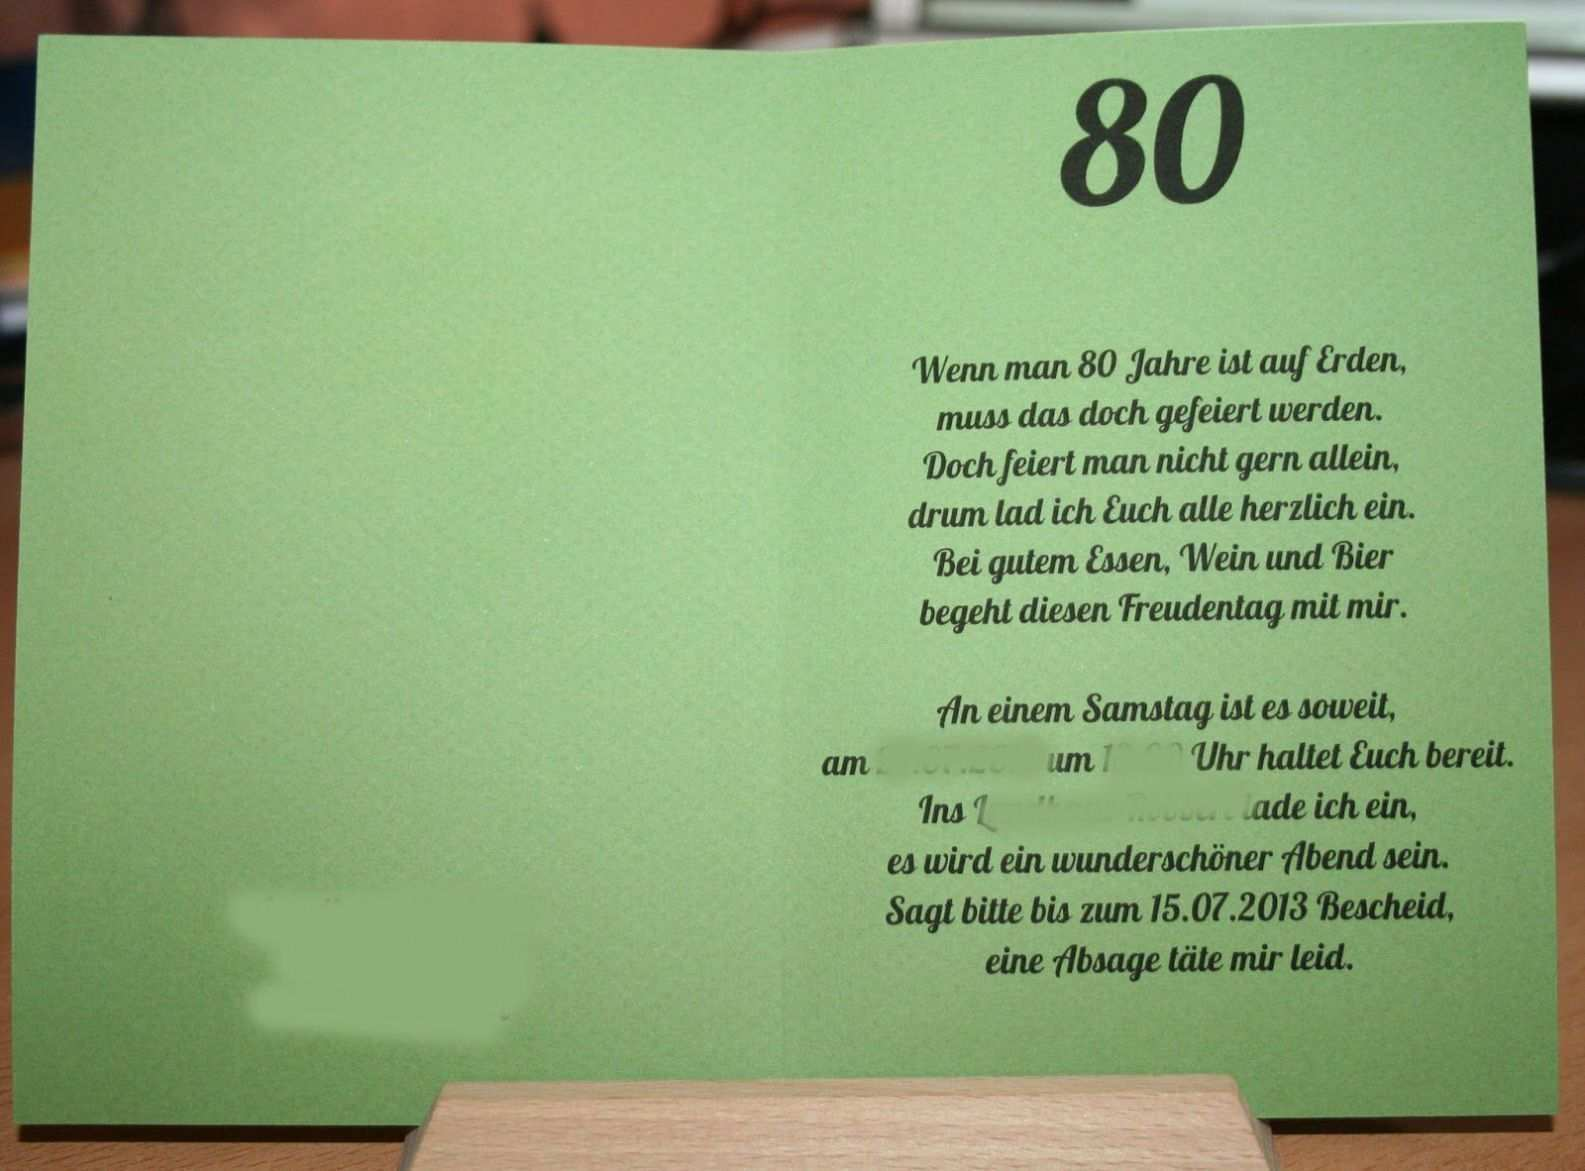 Einladungskarten 80 Geburtstag Einladungskarten 80 Geburtstag Vorlagen Einladung Zum Geb In 2020 Einladung 80 Geburtstag Einladung Geburtstag Text 80 Geburtstag